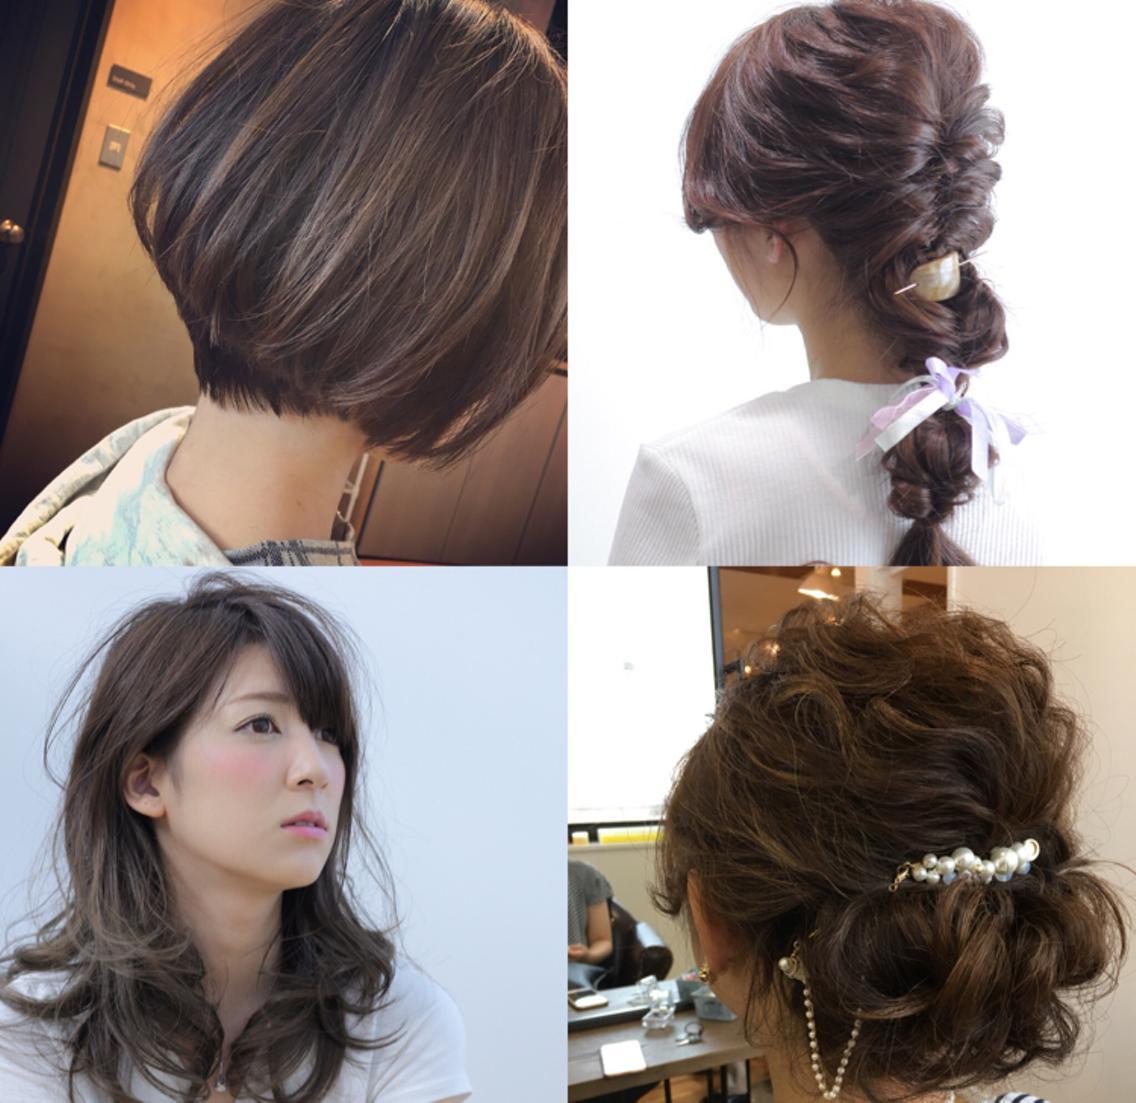 博多駅徒歩3分。朝9時から受付しております。あなたに似合うヘアスタイル見つけましょう。